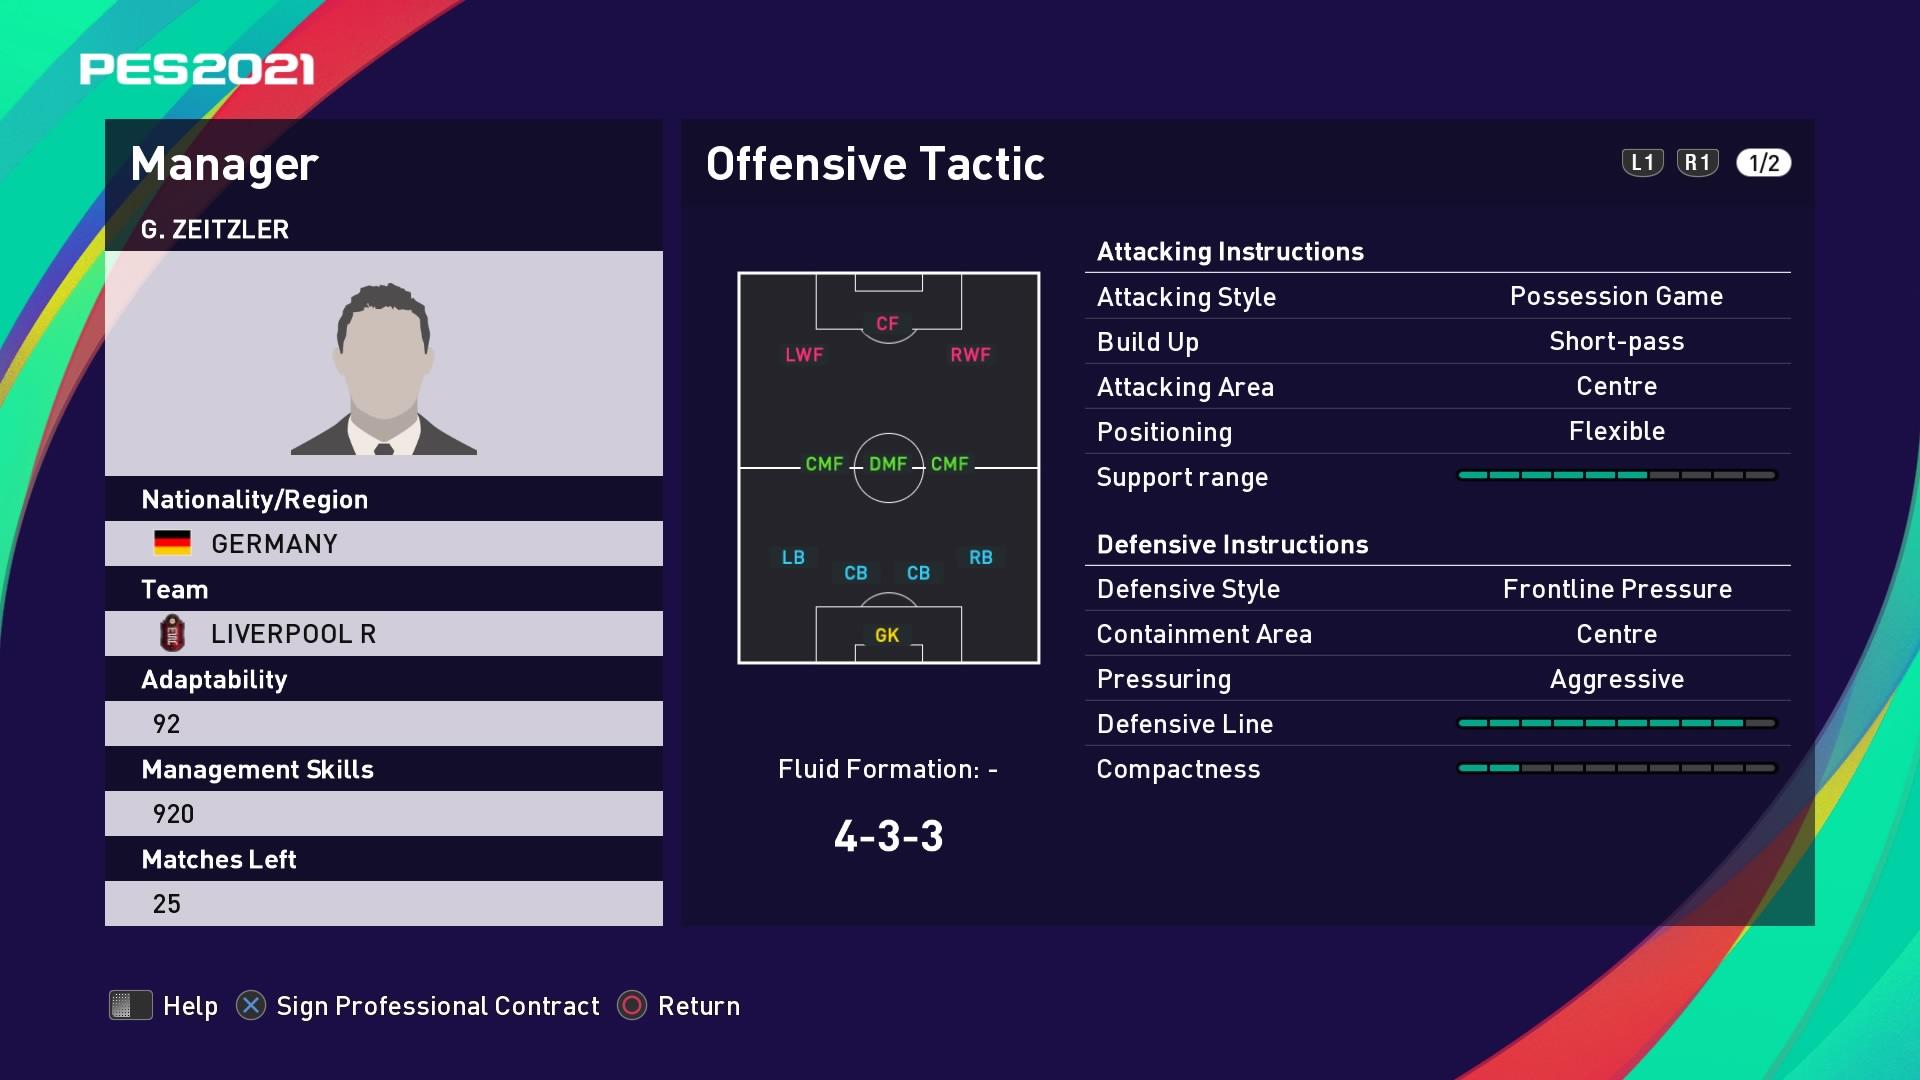 G. Zeitzler (Jürgen Klopp) Offensive Tactic in PES 2021 myClub